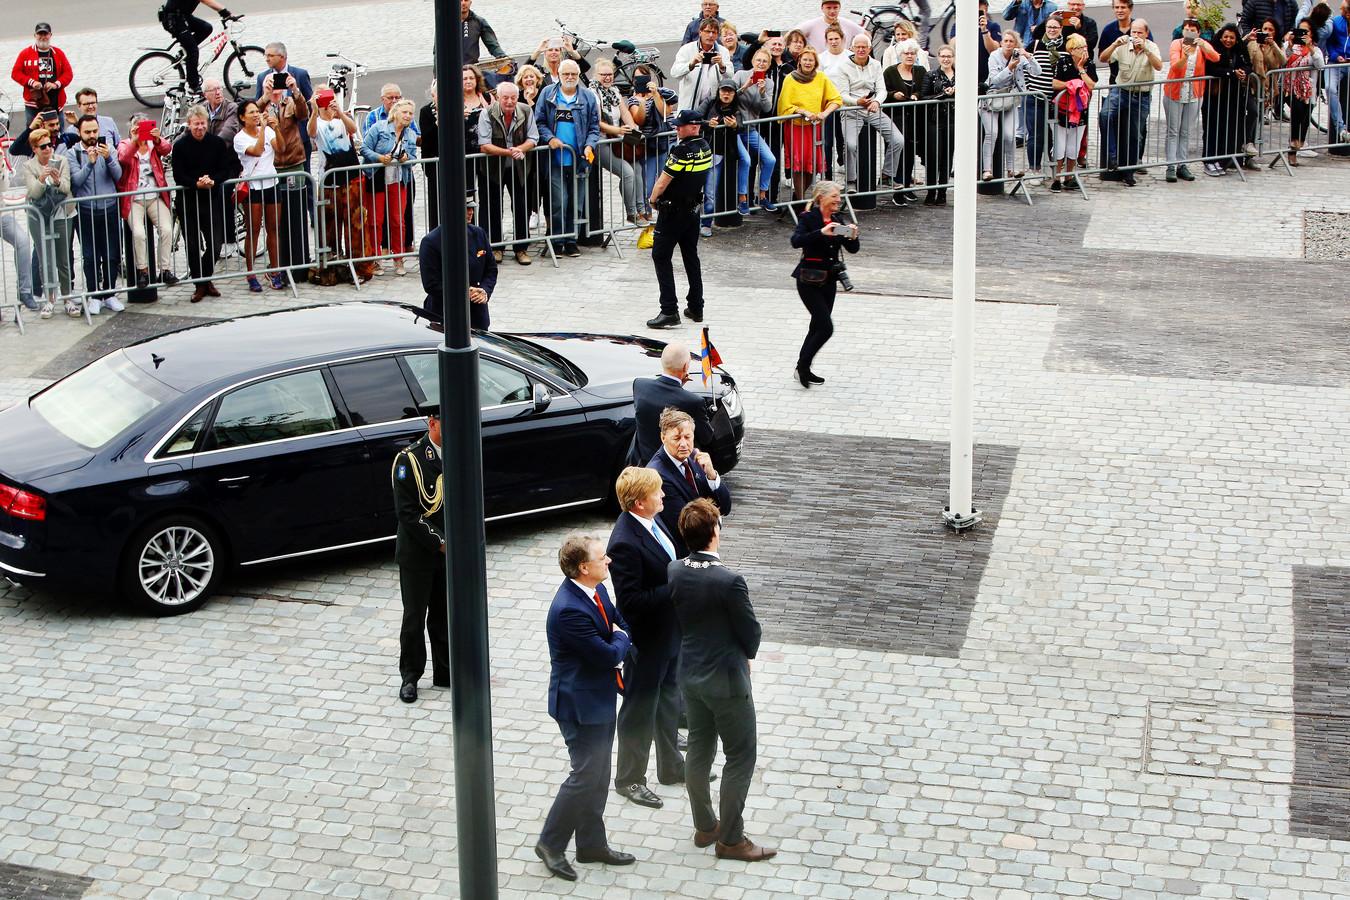 Koning Willem-Alexander bij de opening van de rechtbank in Breda. Verwelkoming door burgemeester Depla en de Commisaris van de Koning.